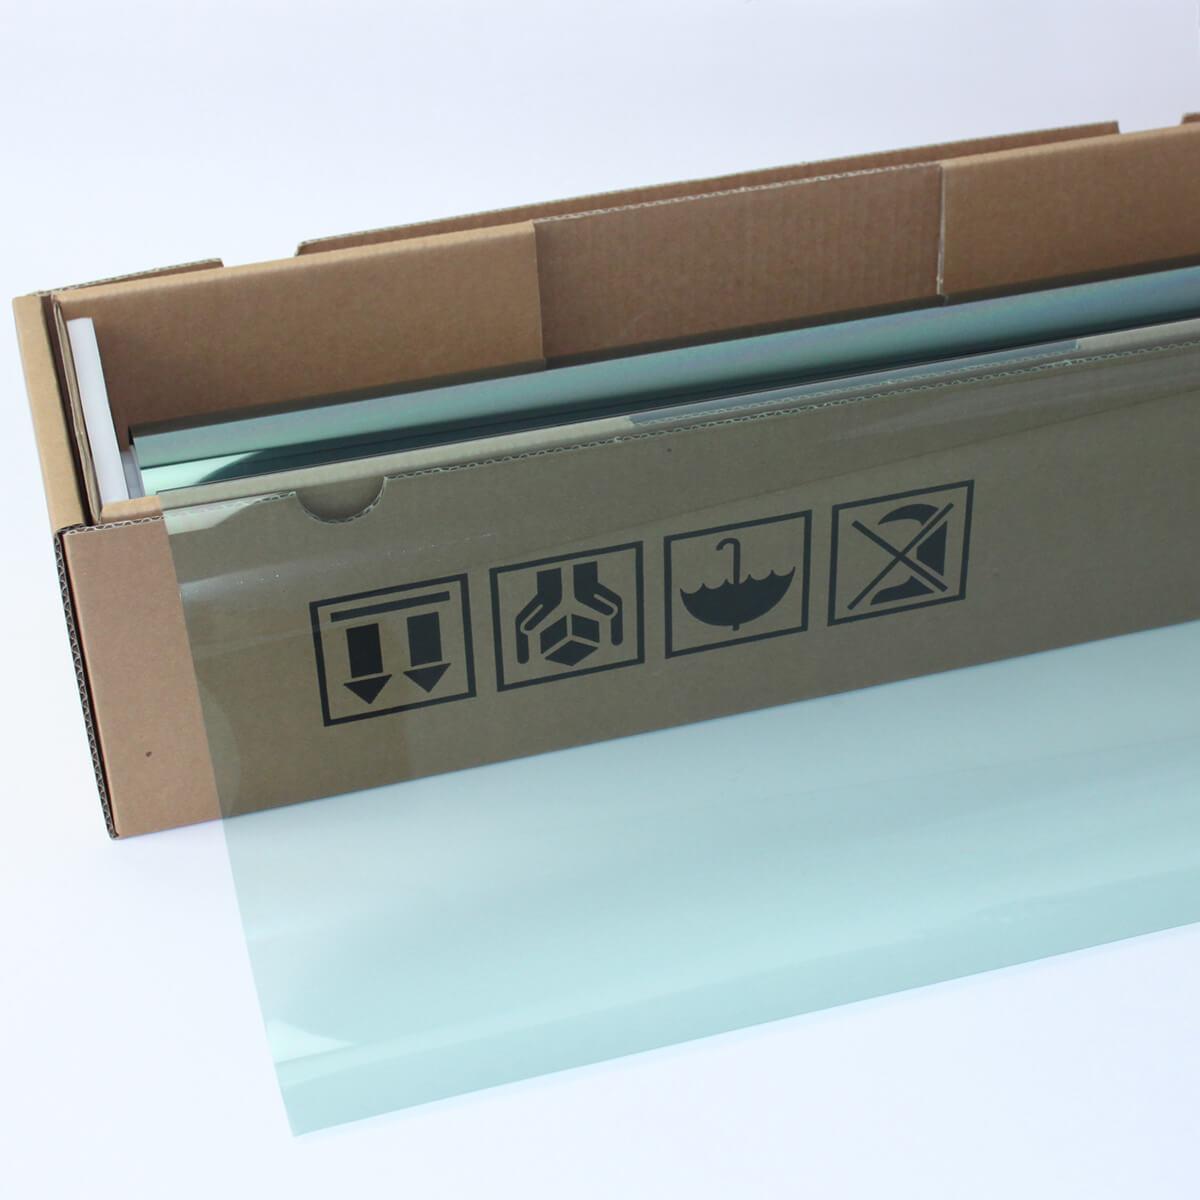 ウィンドウフィルム 窓ガラスフィルム スーパーUV400グリーン65(65%) 50cm幅×30mロール箱売 遮熱フィルム 断熱フィルム UVカットフィルム ブレインテック Braintec